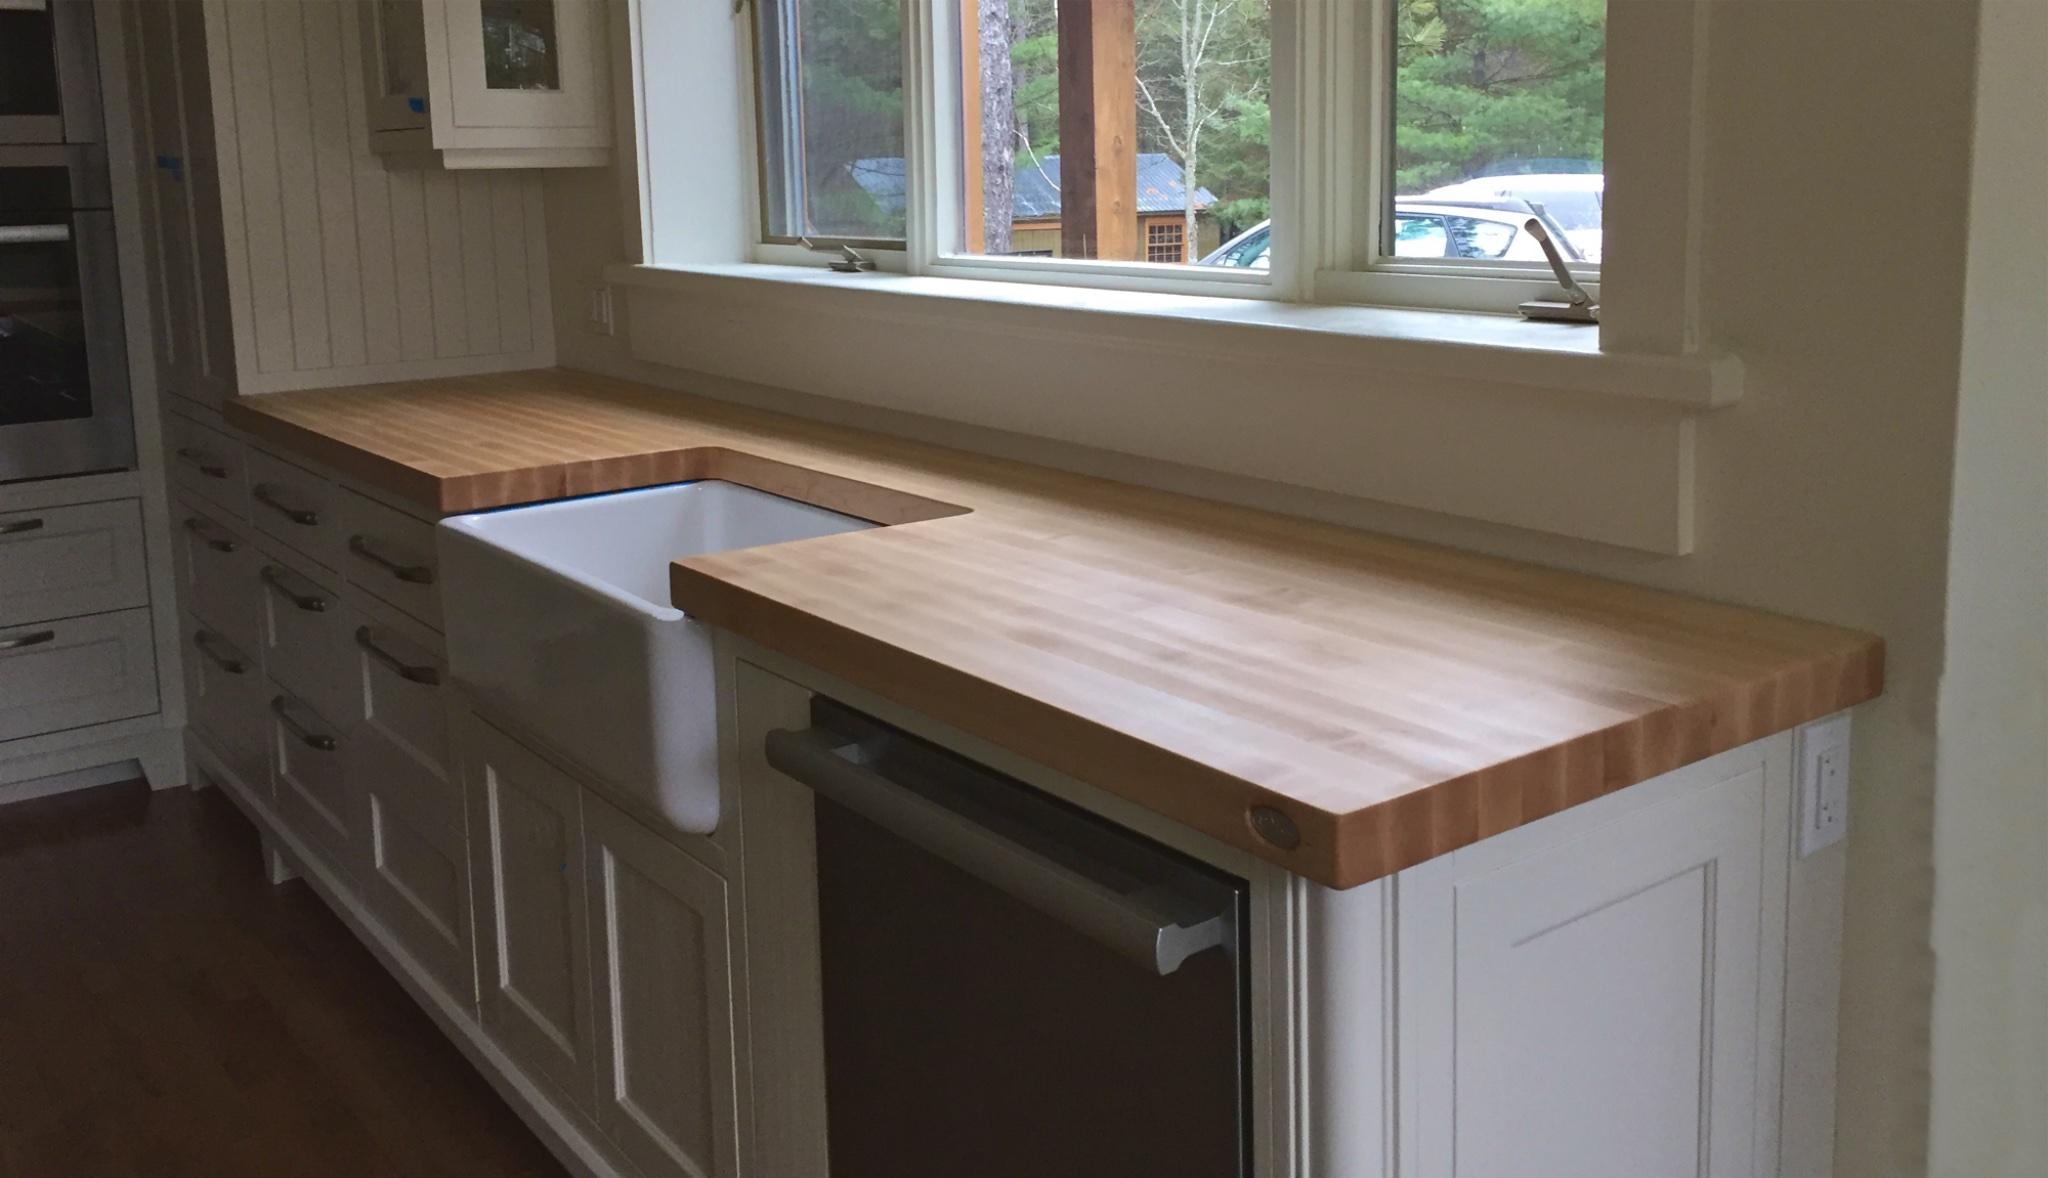 Comptoirs en bois signature st phane dion - Type de comptoir de cuisine ...